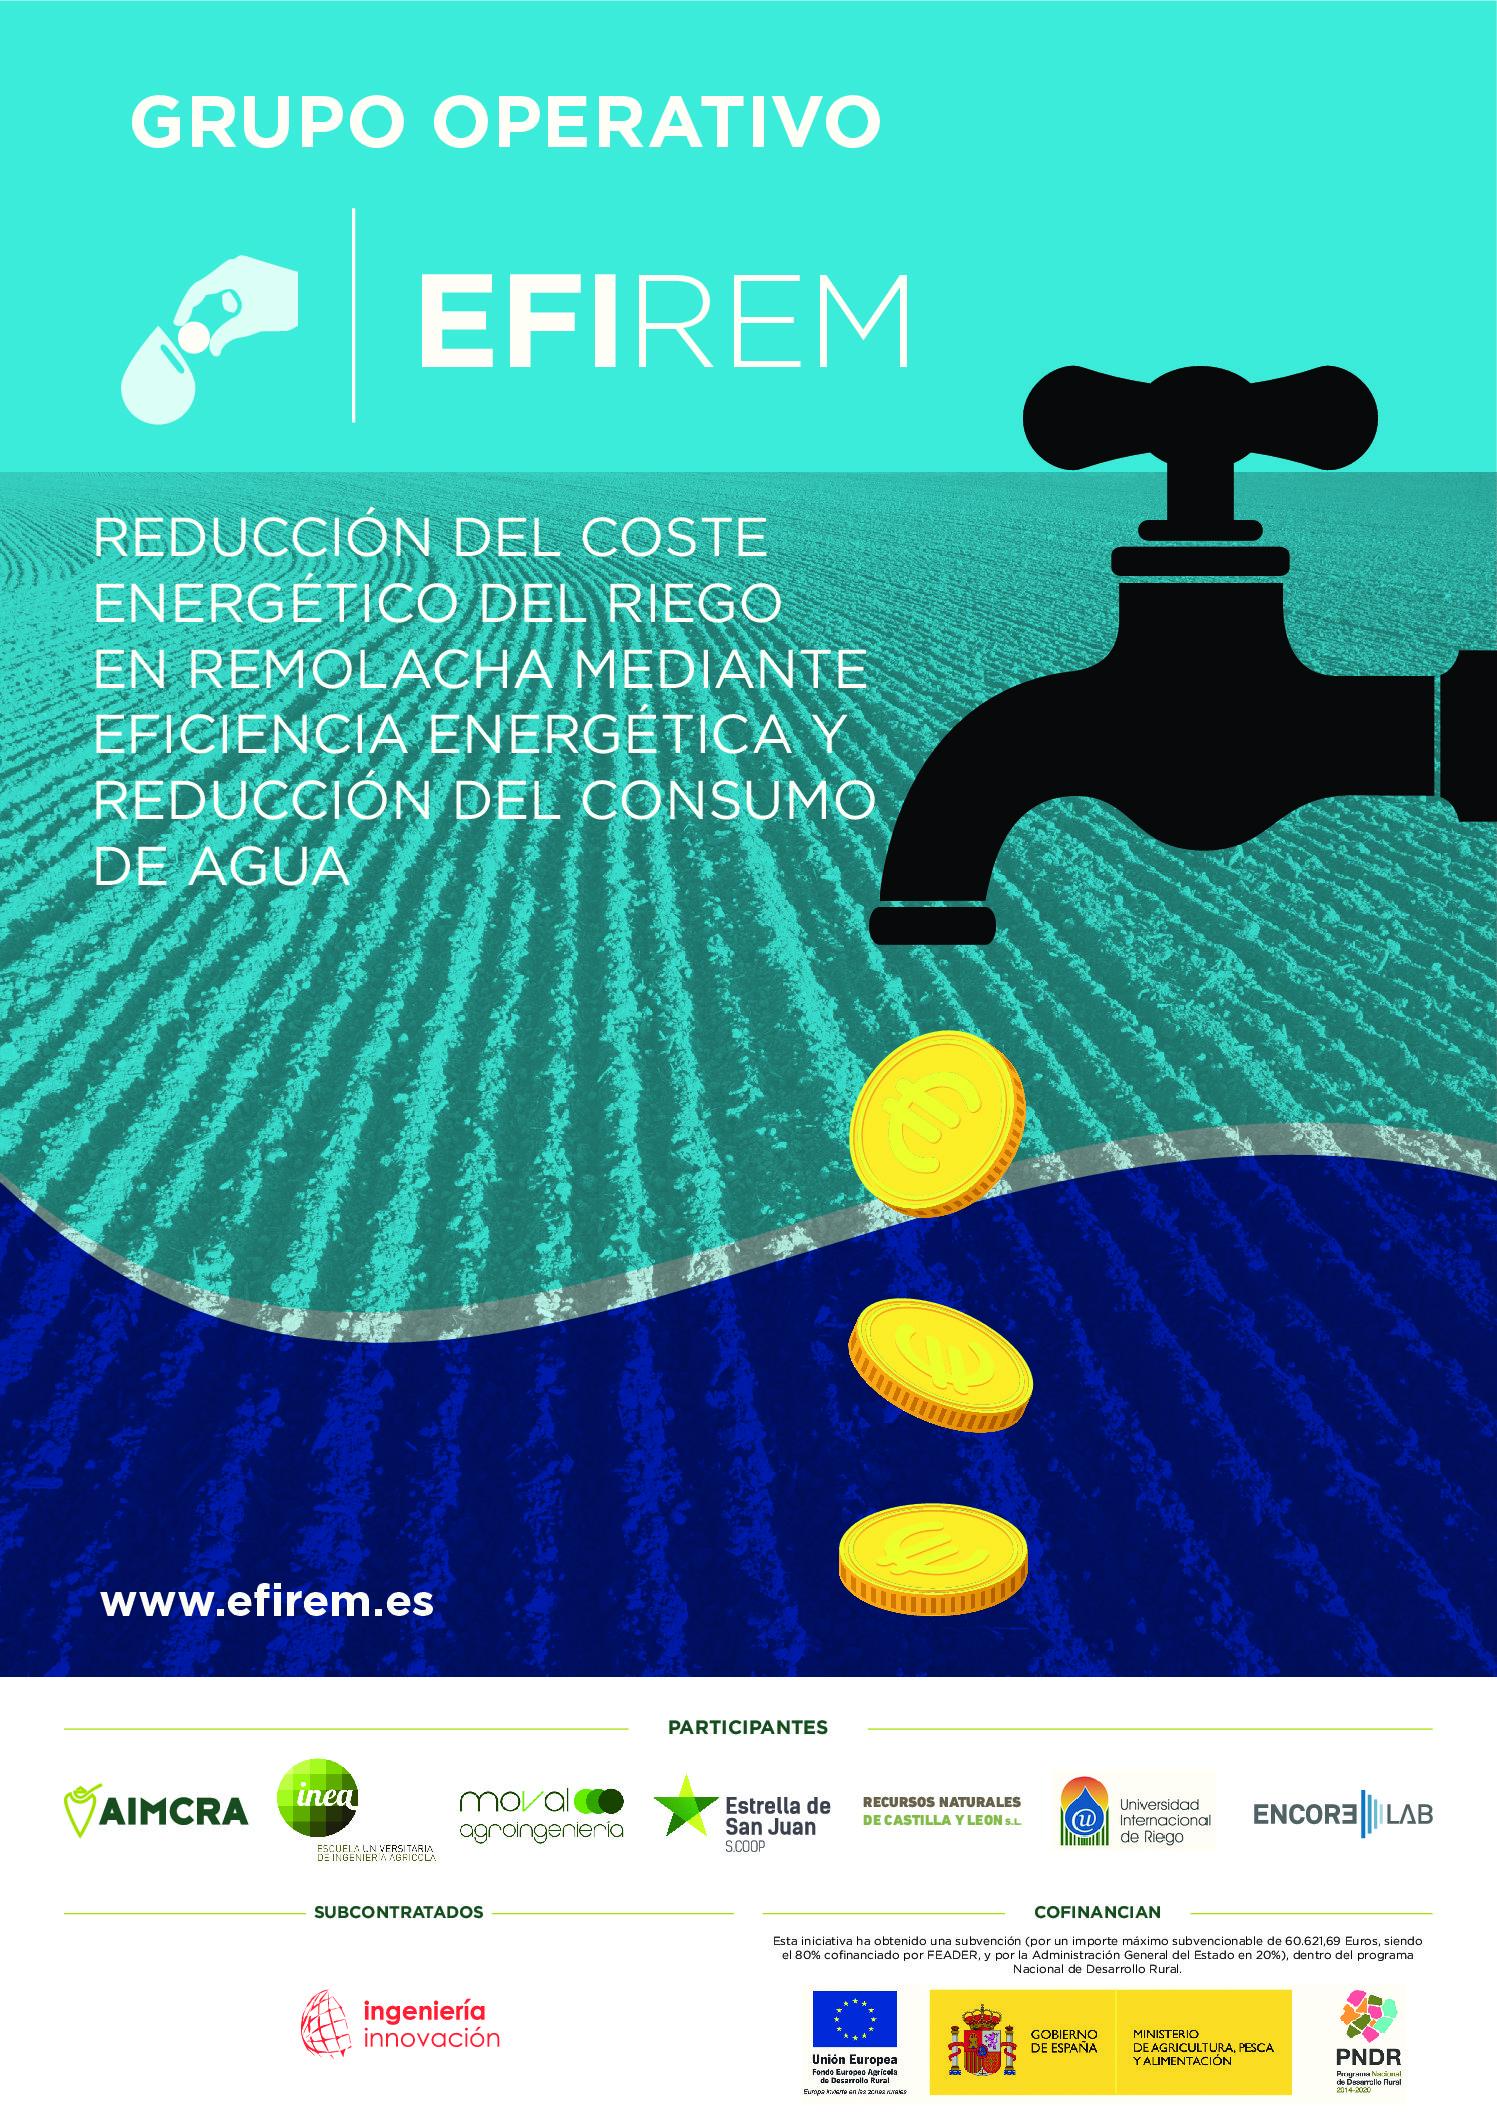 """La Universidad Internacional de Riego participa en el Grupo Operativo """"Reducción del coste de riego mediante eficiencia energética y reducción del consumo de agua garantizando la competitividad de la remolacha azucarera en España"""""""